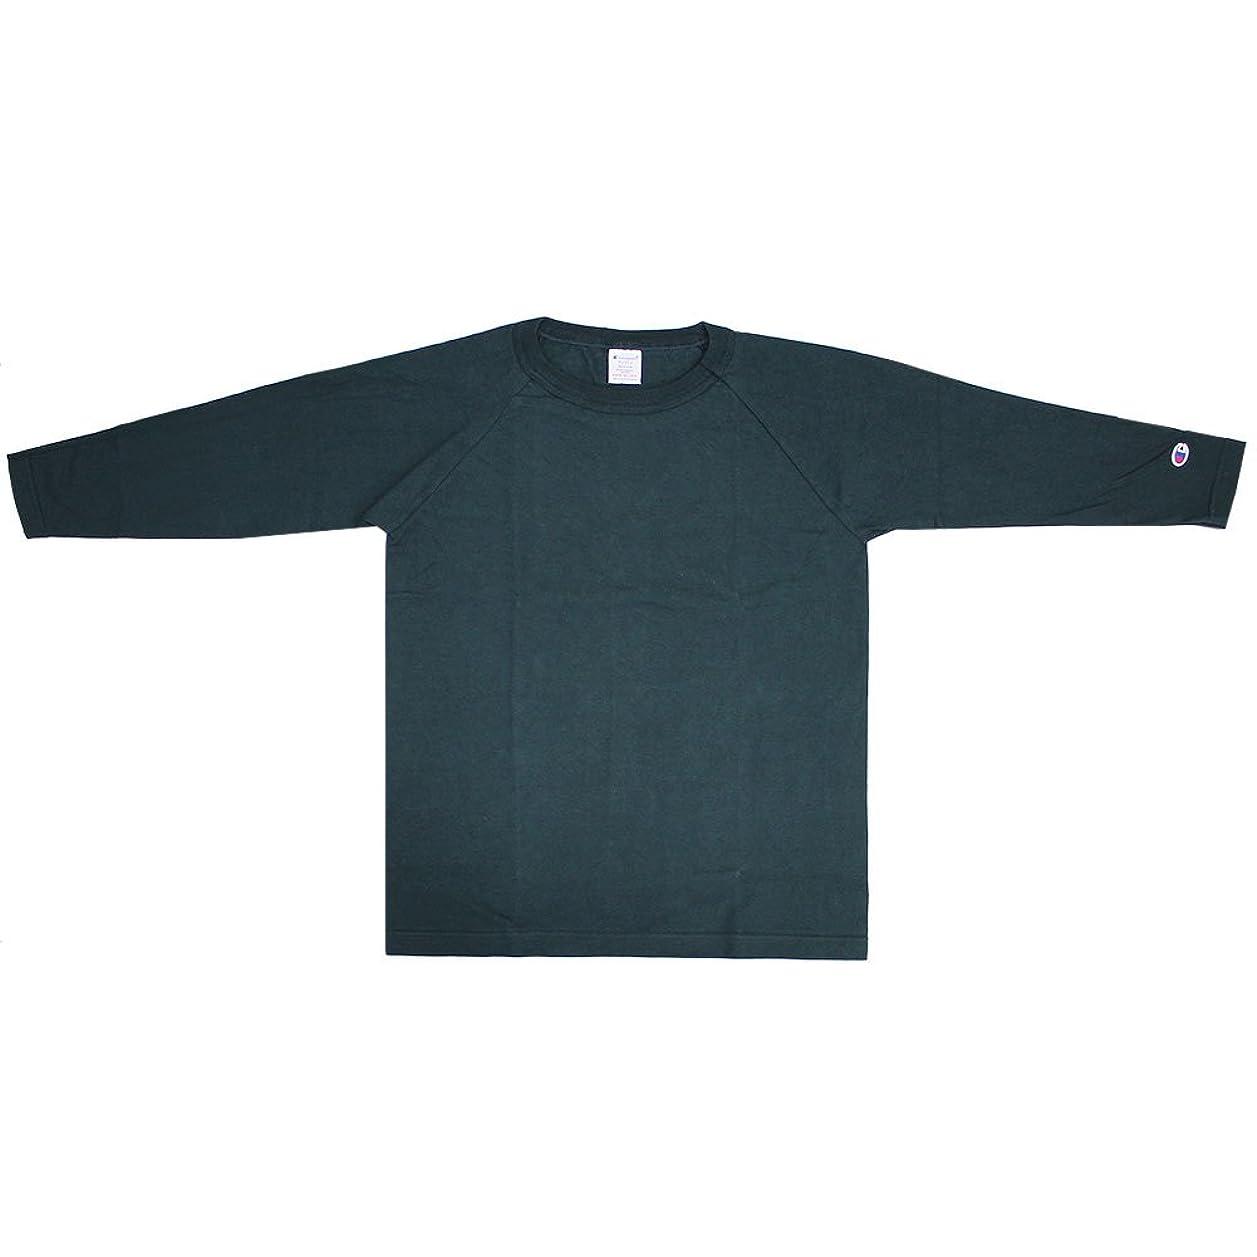 山スピンケーブルカーChampion チャンピオン T1011(ティーテンイレブン) ラグラン3/4スリーブ【7分袖】Tシャツ 17FW MADE IN USA カットソー メンズ ロゴ刺繍 C5-U401